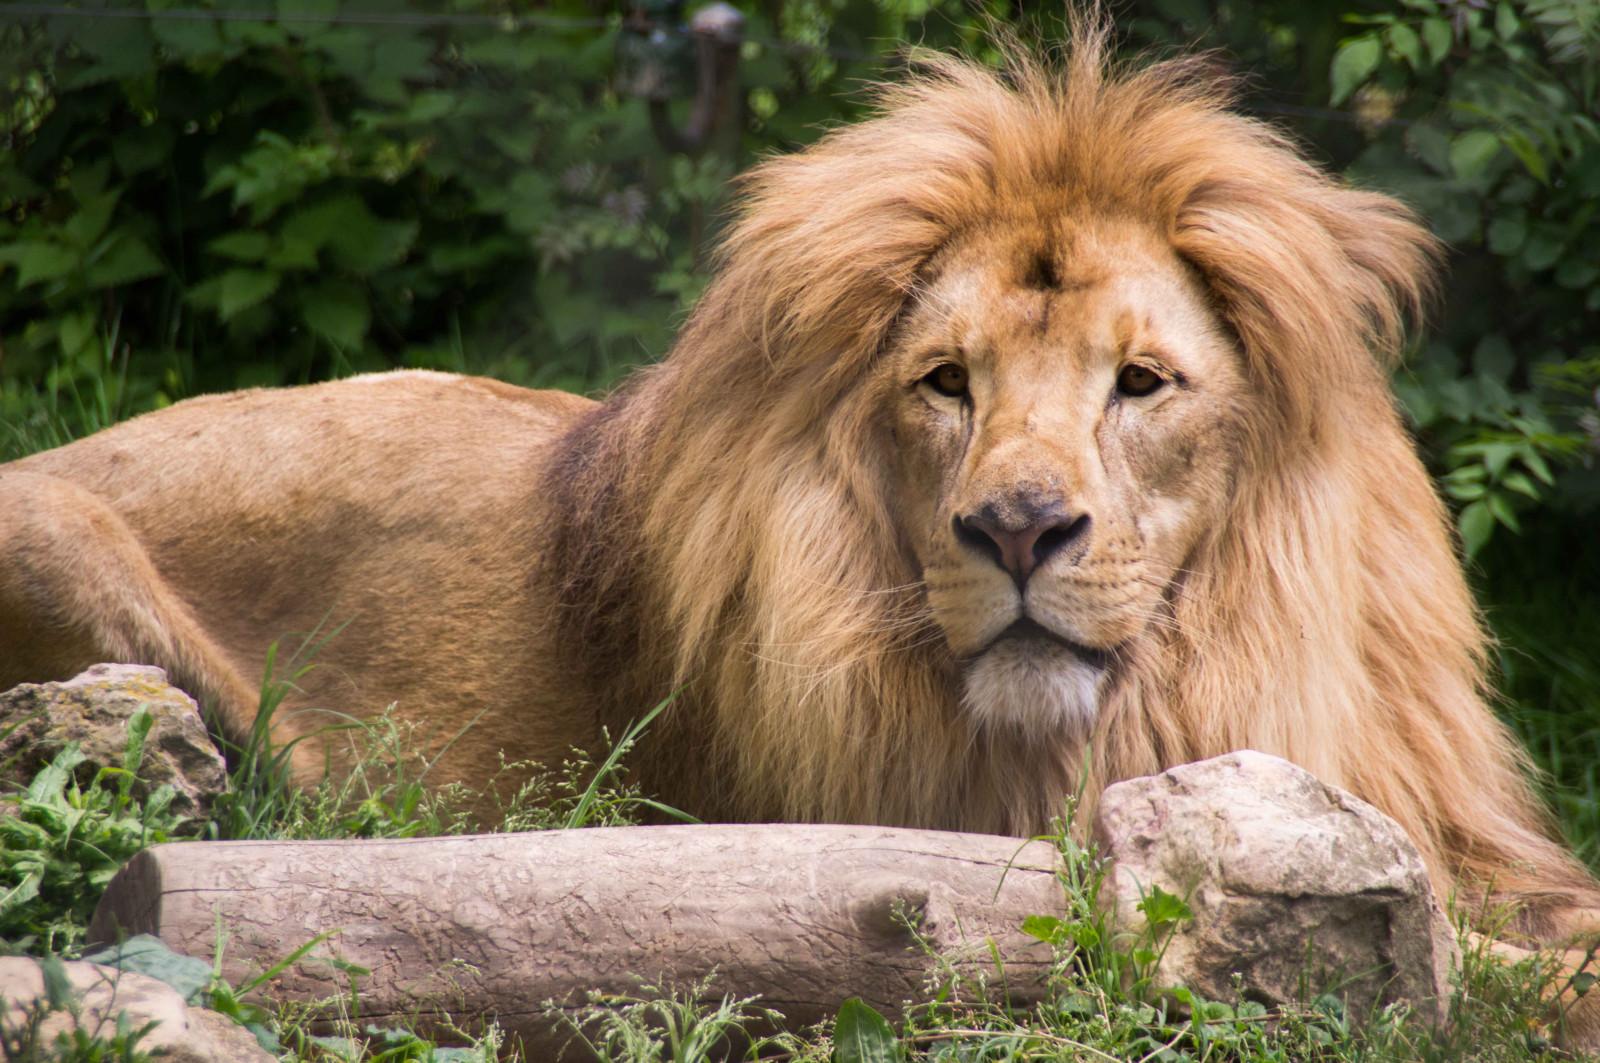 Un lion d'Asie arrive à Besançon pour former un nouveau couple reproducteur